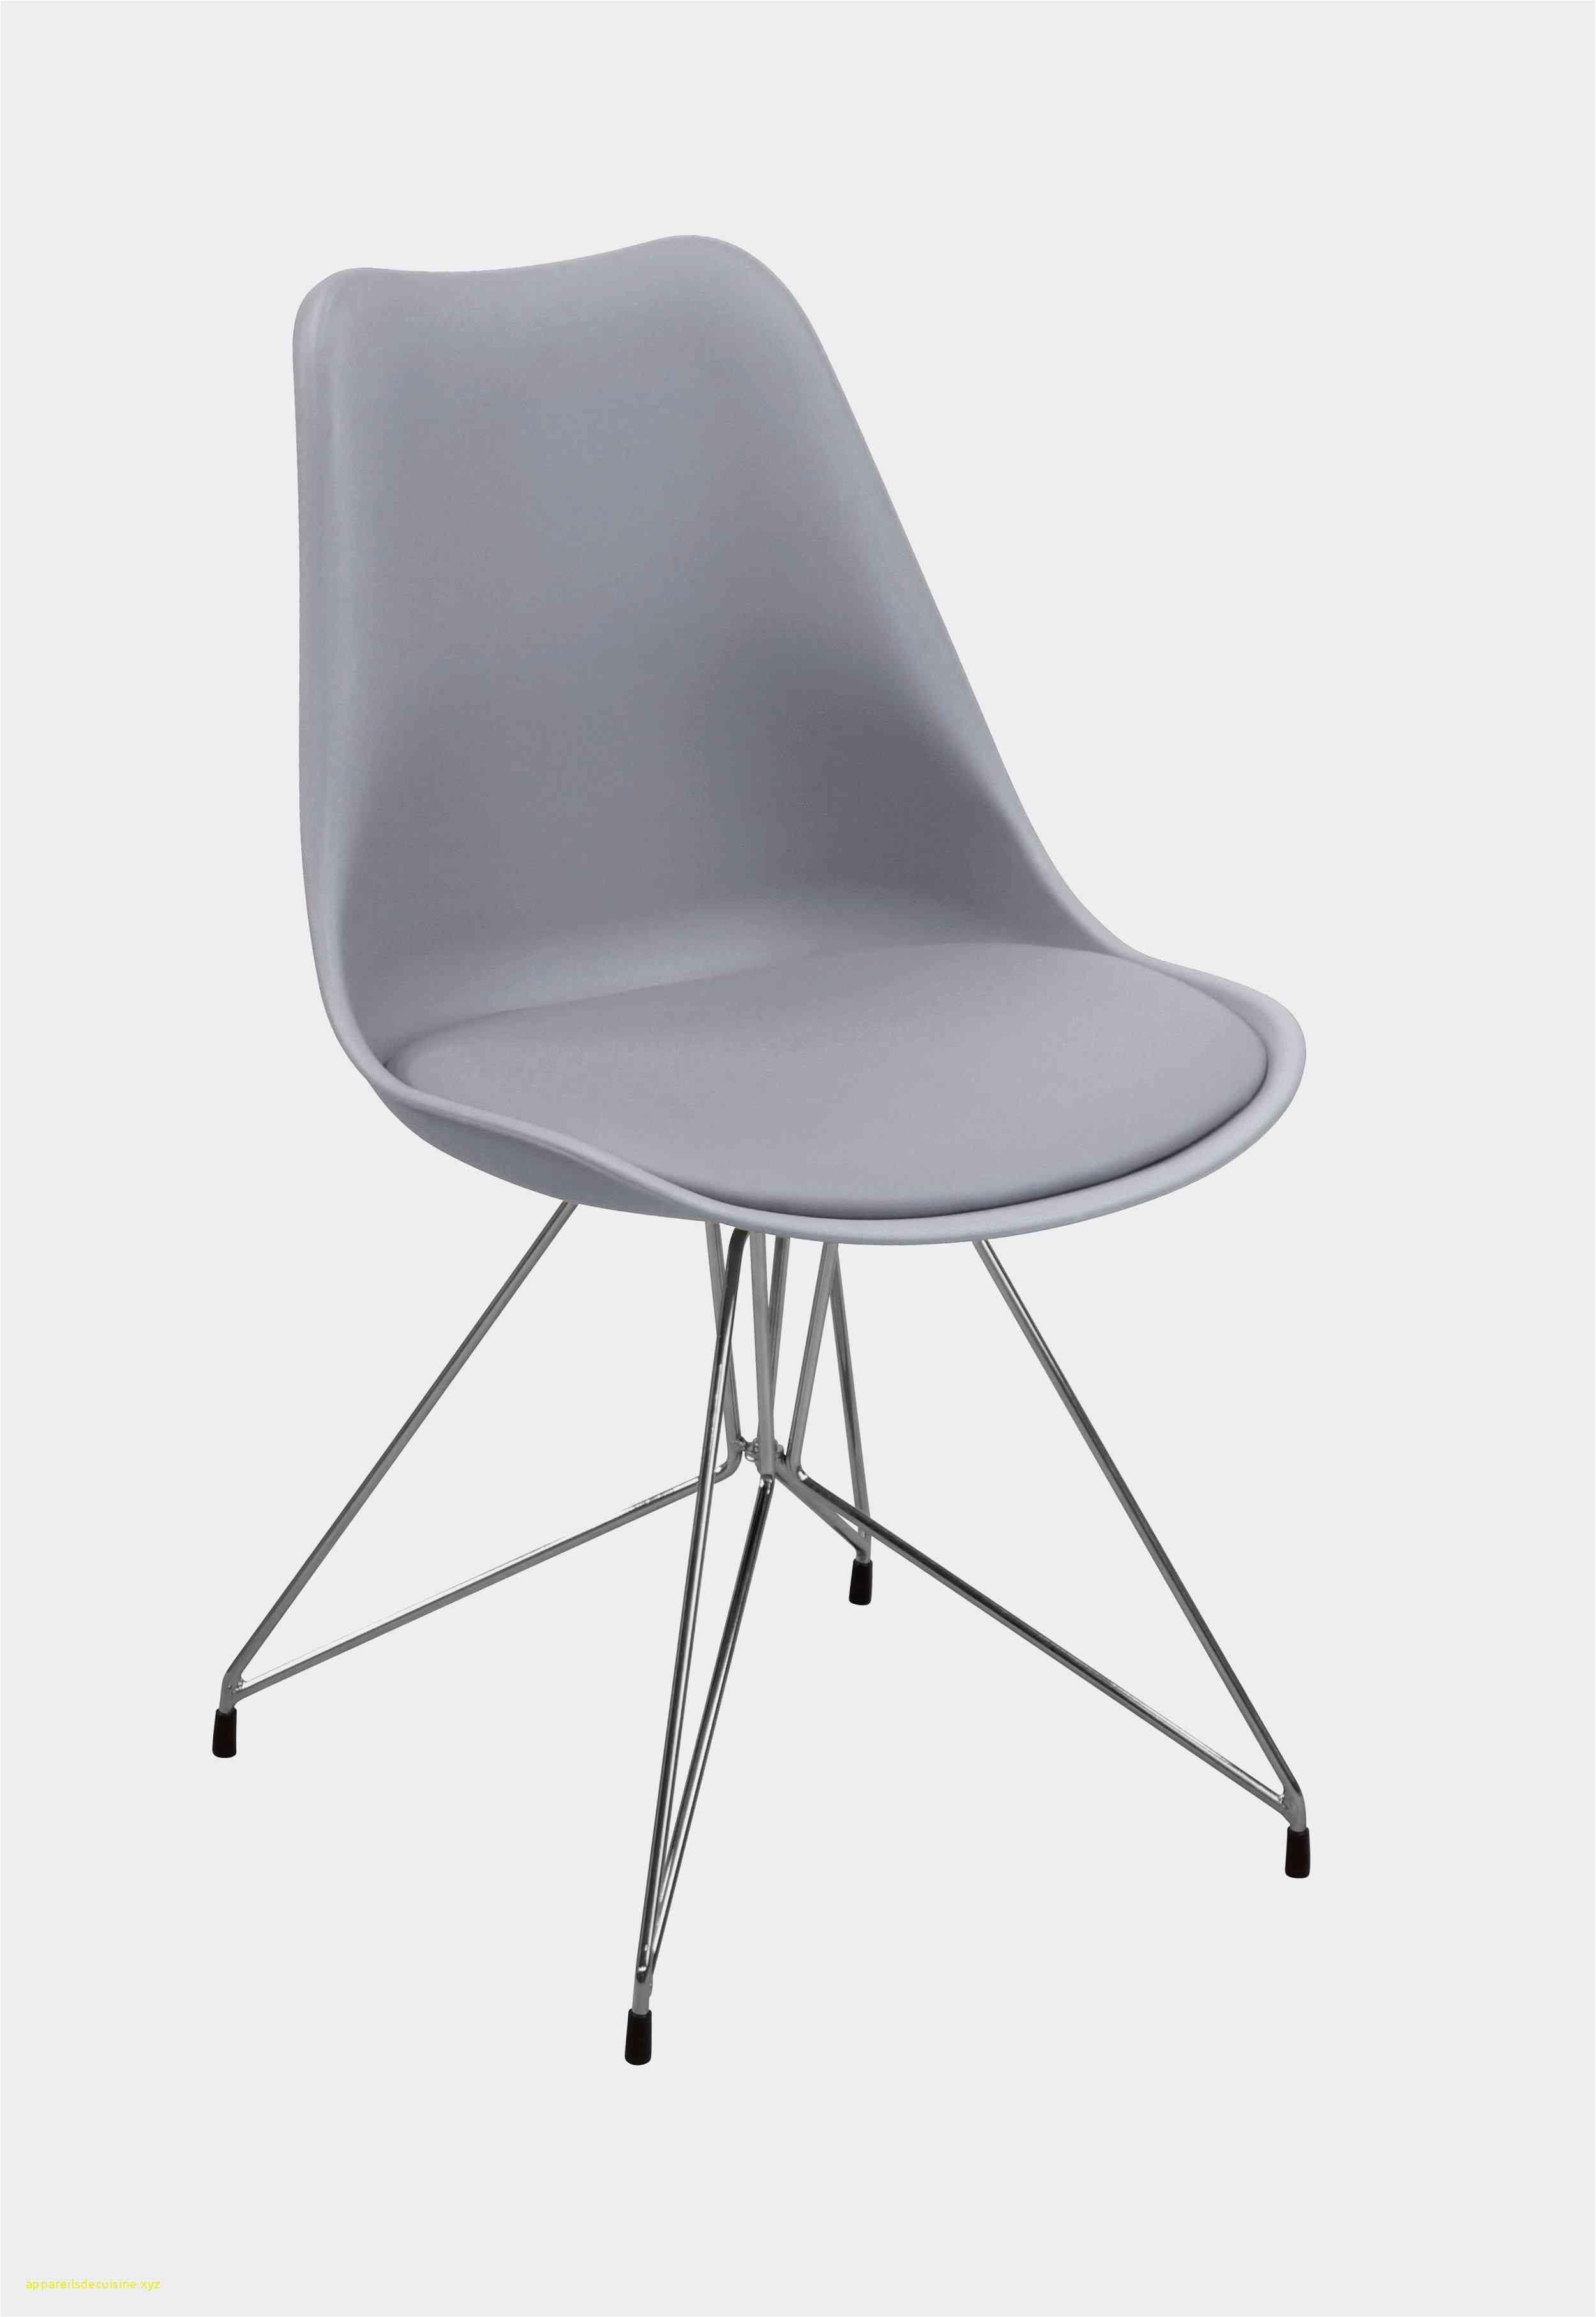 Lit Superposé Pour Enfant Belle Chaise Table Bébé Cuisine Pour Bebe Lovely Lit Ikea Bebe 12 Superpos